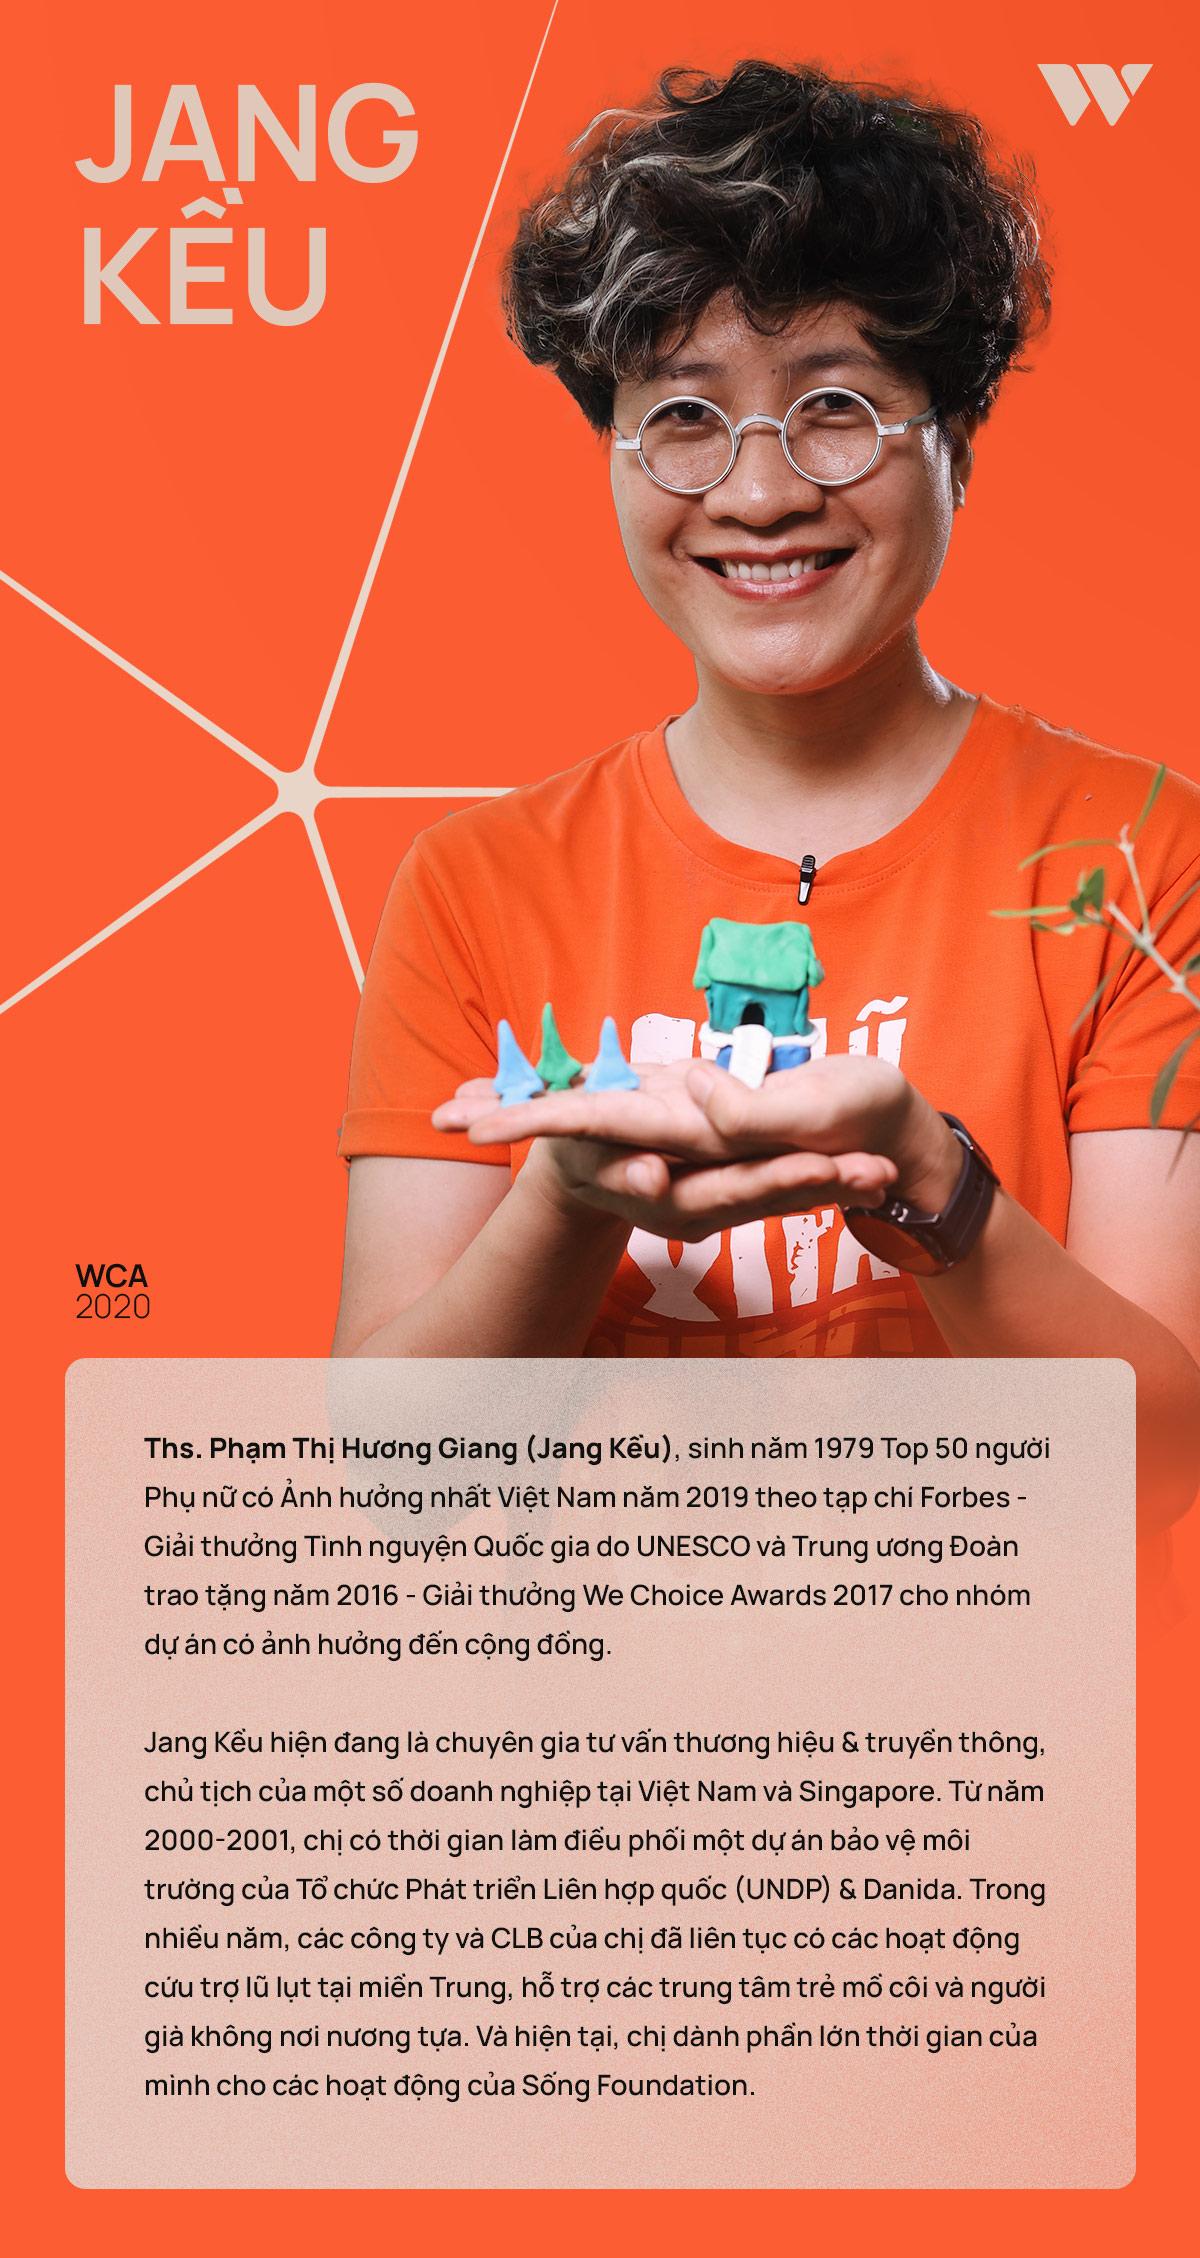 """Jang Kều, người phụ nữ đứng đằng sau dự án Nhà Chống Lũ: Từng từ chối 75 tỷ vì muốn thay đổi tư duy """"cho – nhận"""" trong từ thiện - Ảnh 3."""